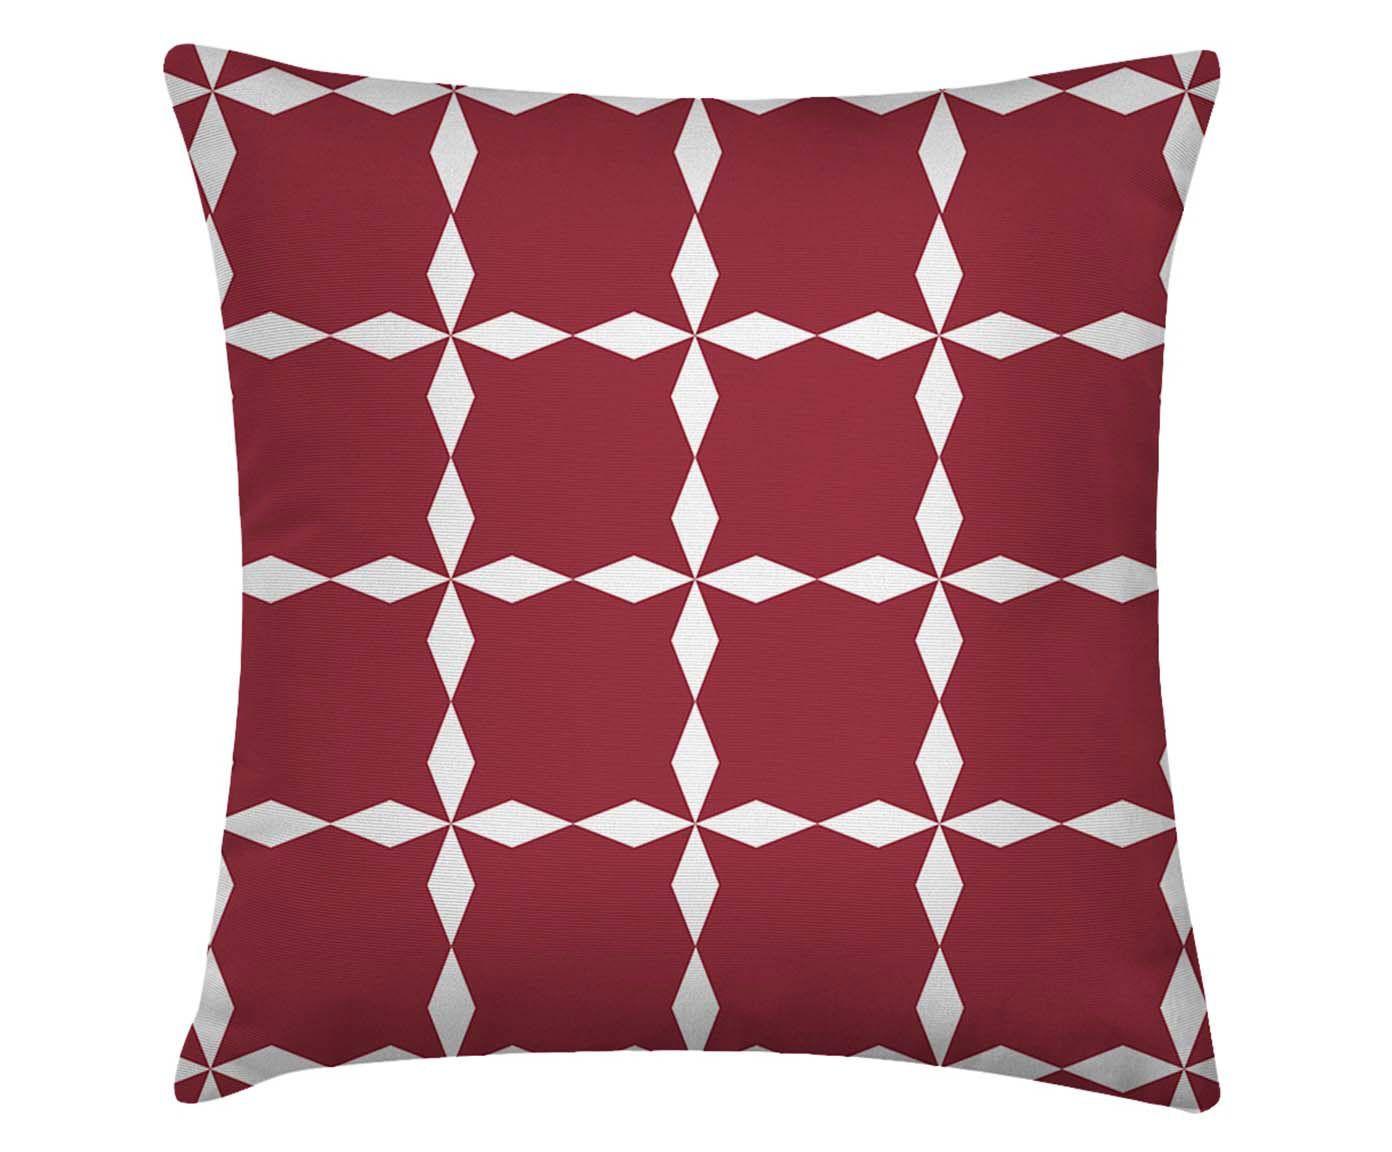 Capa para almofada degrê passion - 40 cm | Westwing.com.br